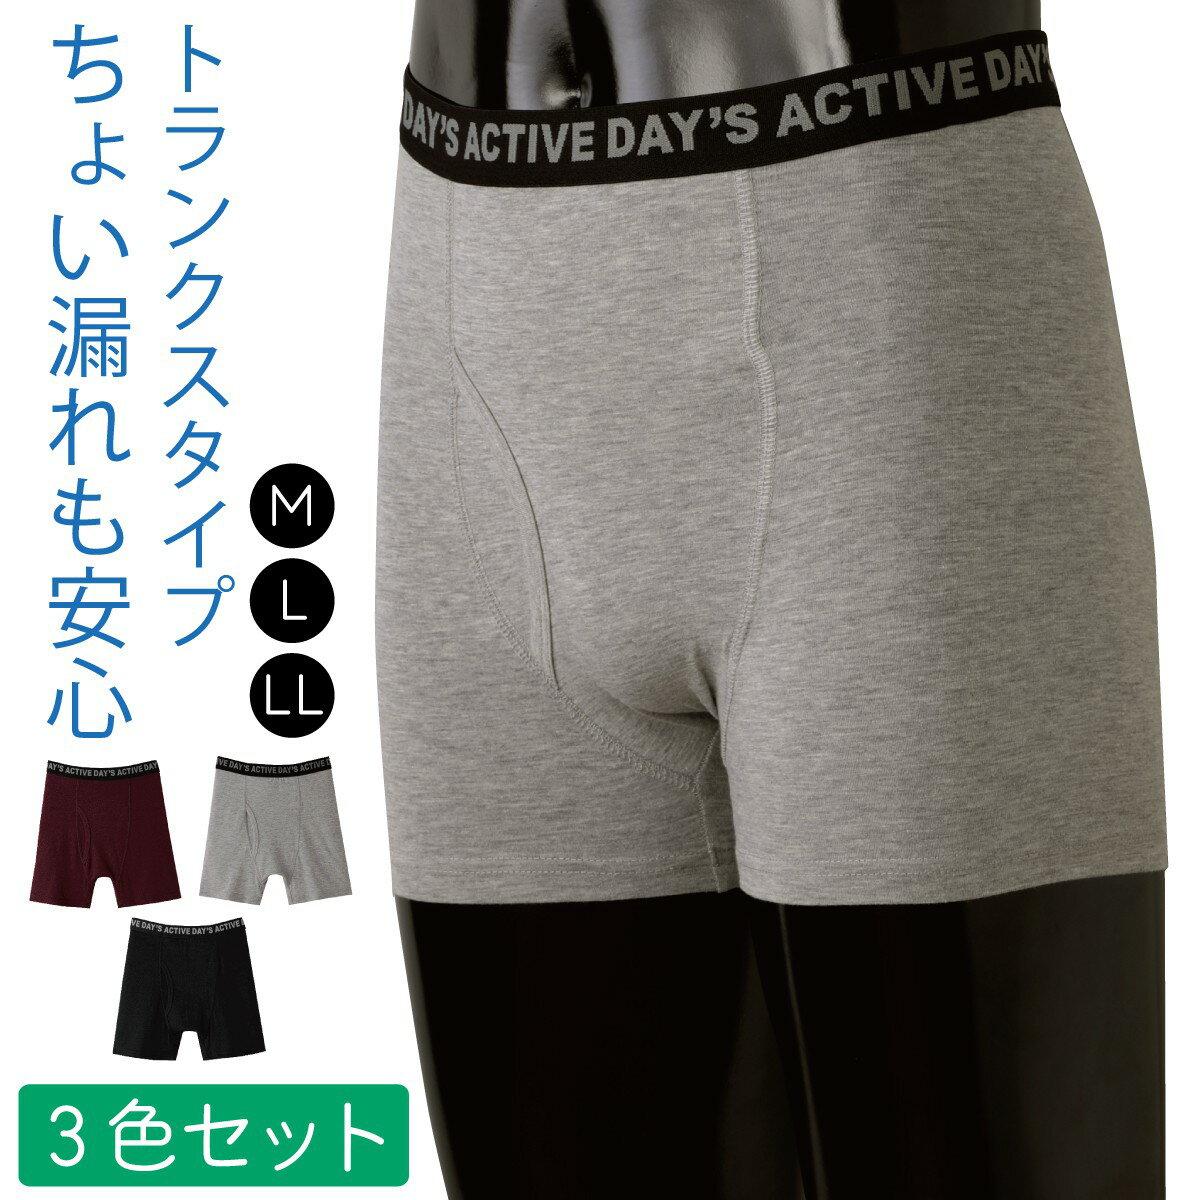 失禁パンツ 男性用 トランクス 軽失禁 日本製 バレない 尿漏れパンツ 尿モレパンツ 軽失禁パンツ さわやかガード トランクス ショート  4色組